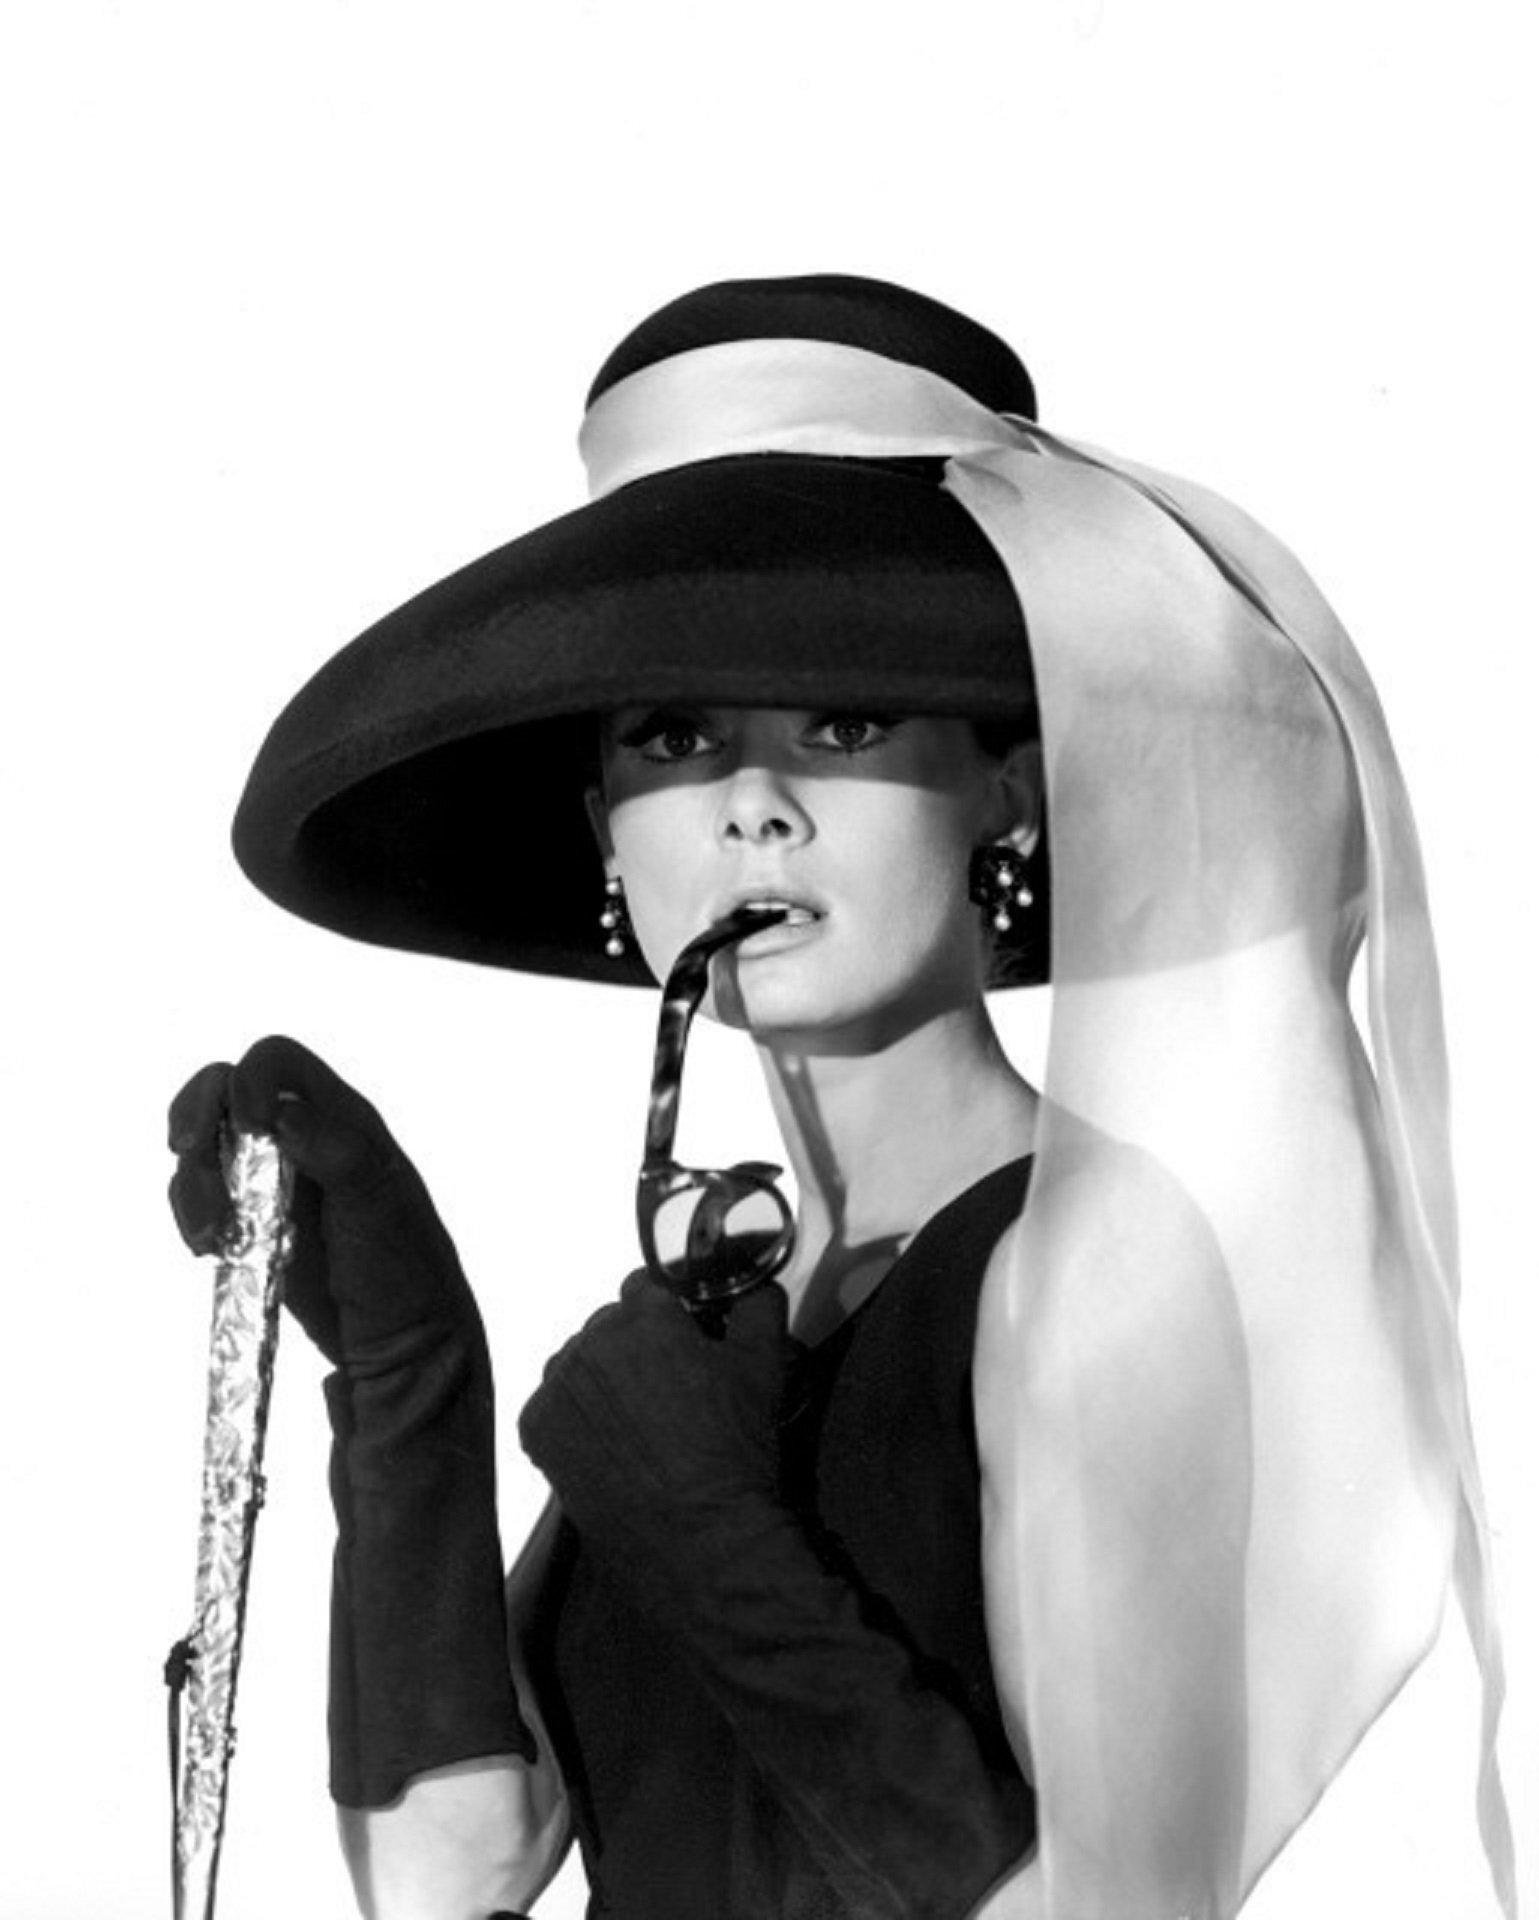 Audrey Hepburn mặc đẹp với mũ rộng vành và khăn bandana